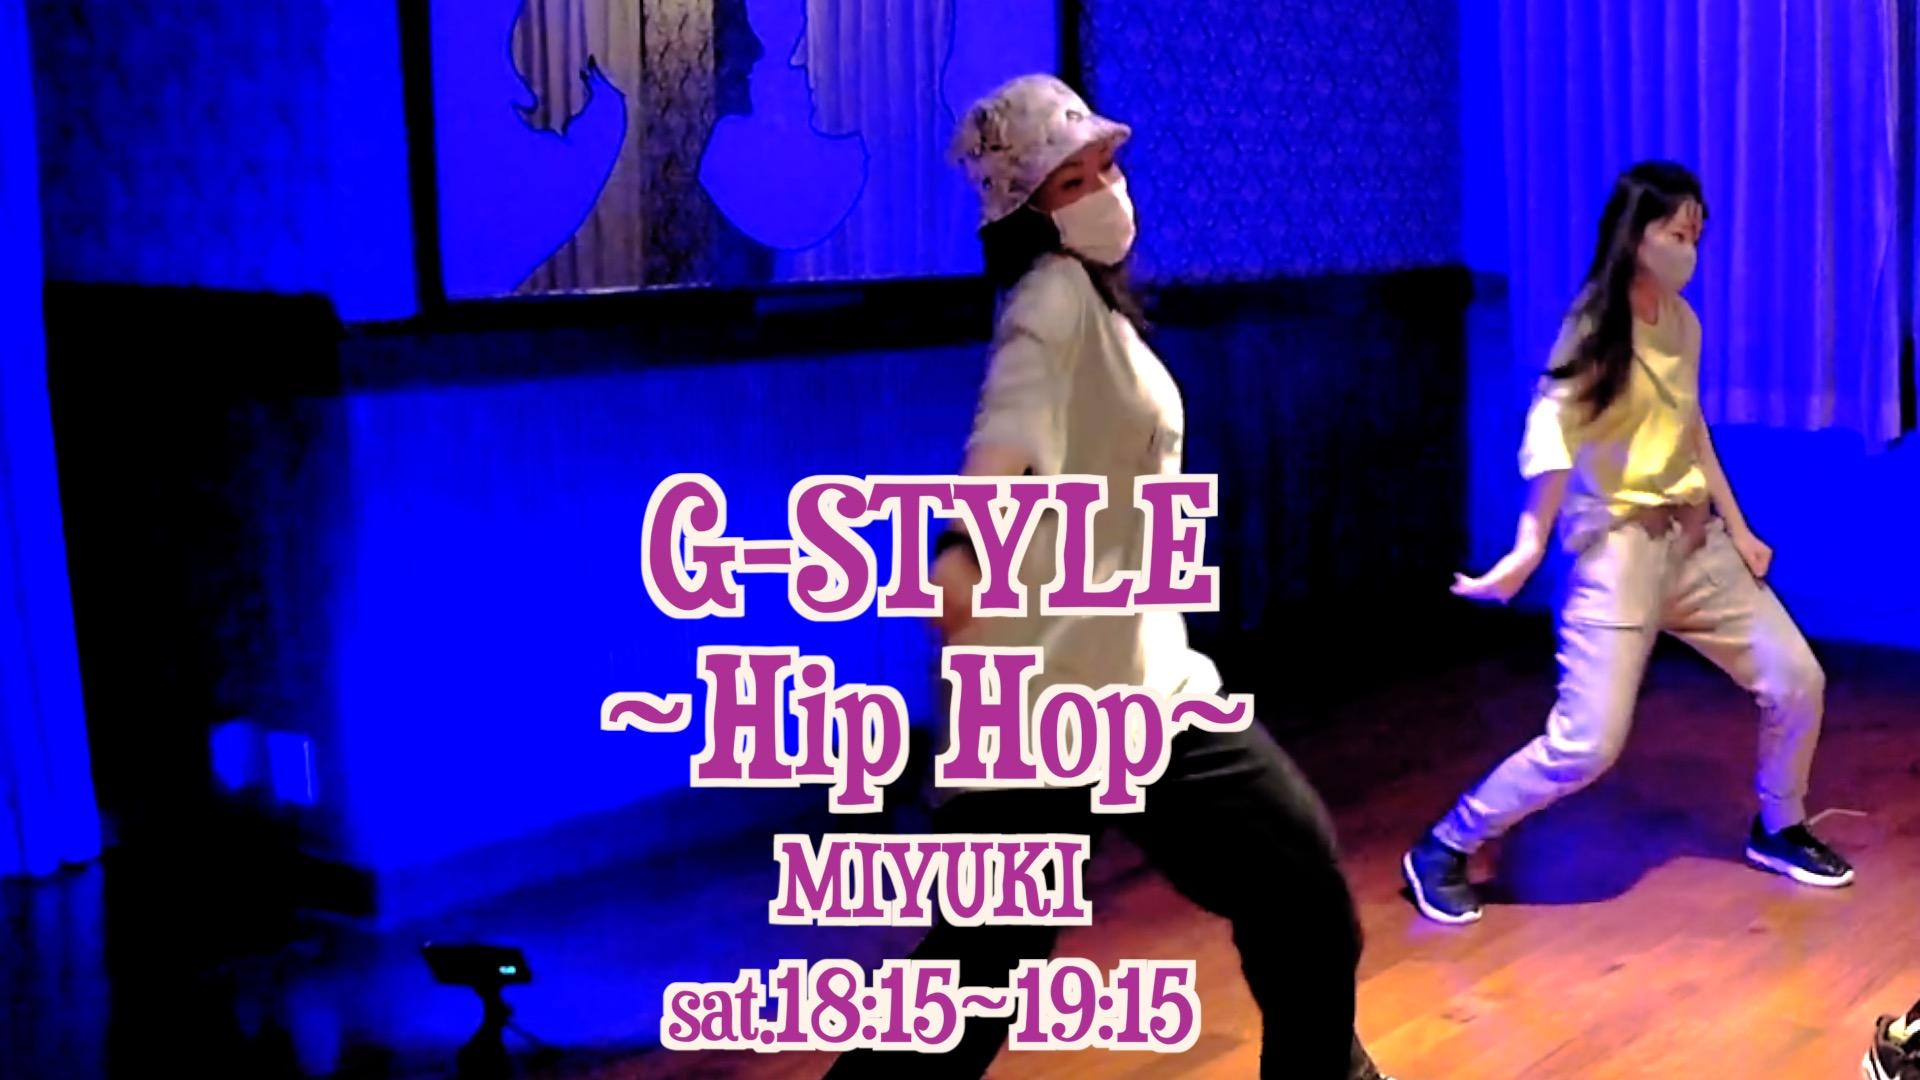 【ターン】ダンスの基礎レクチャー〜ヒップホップ〜|G-Style~Girls HipHop~